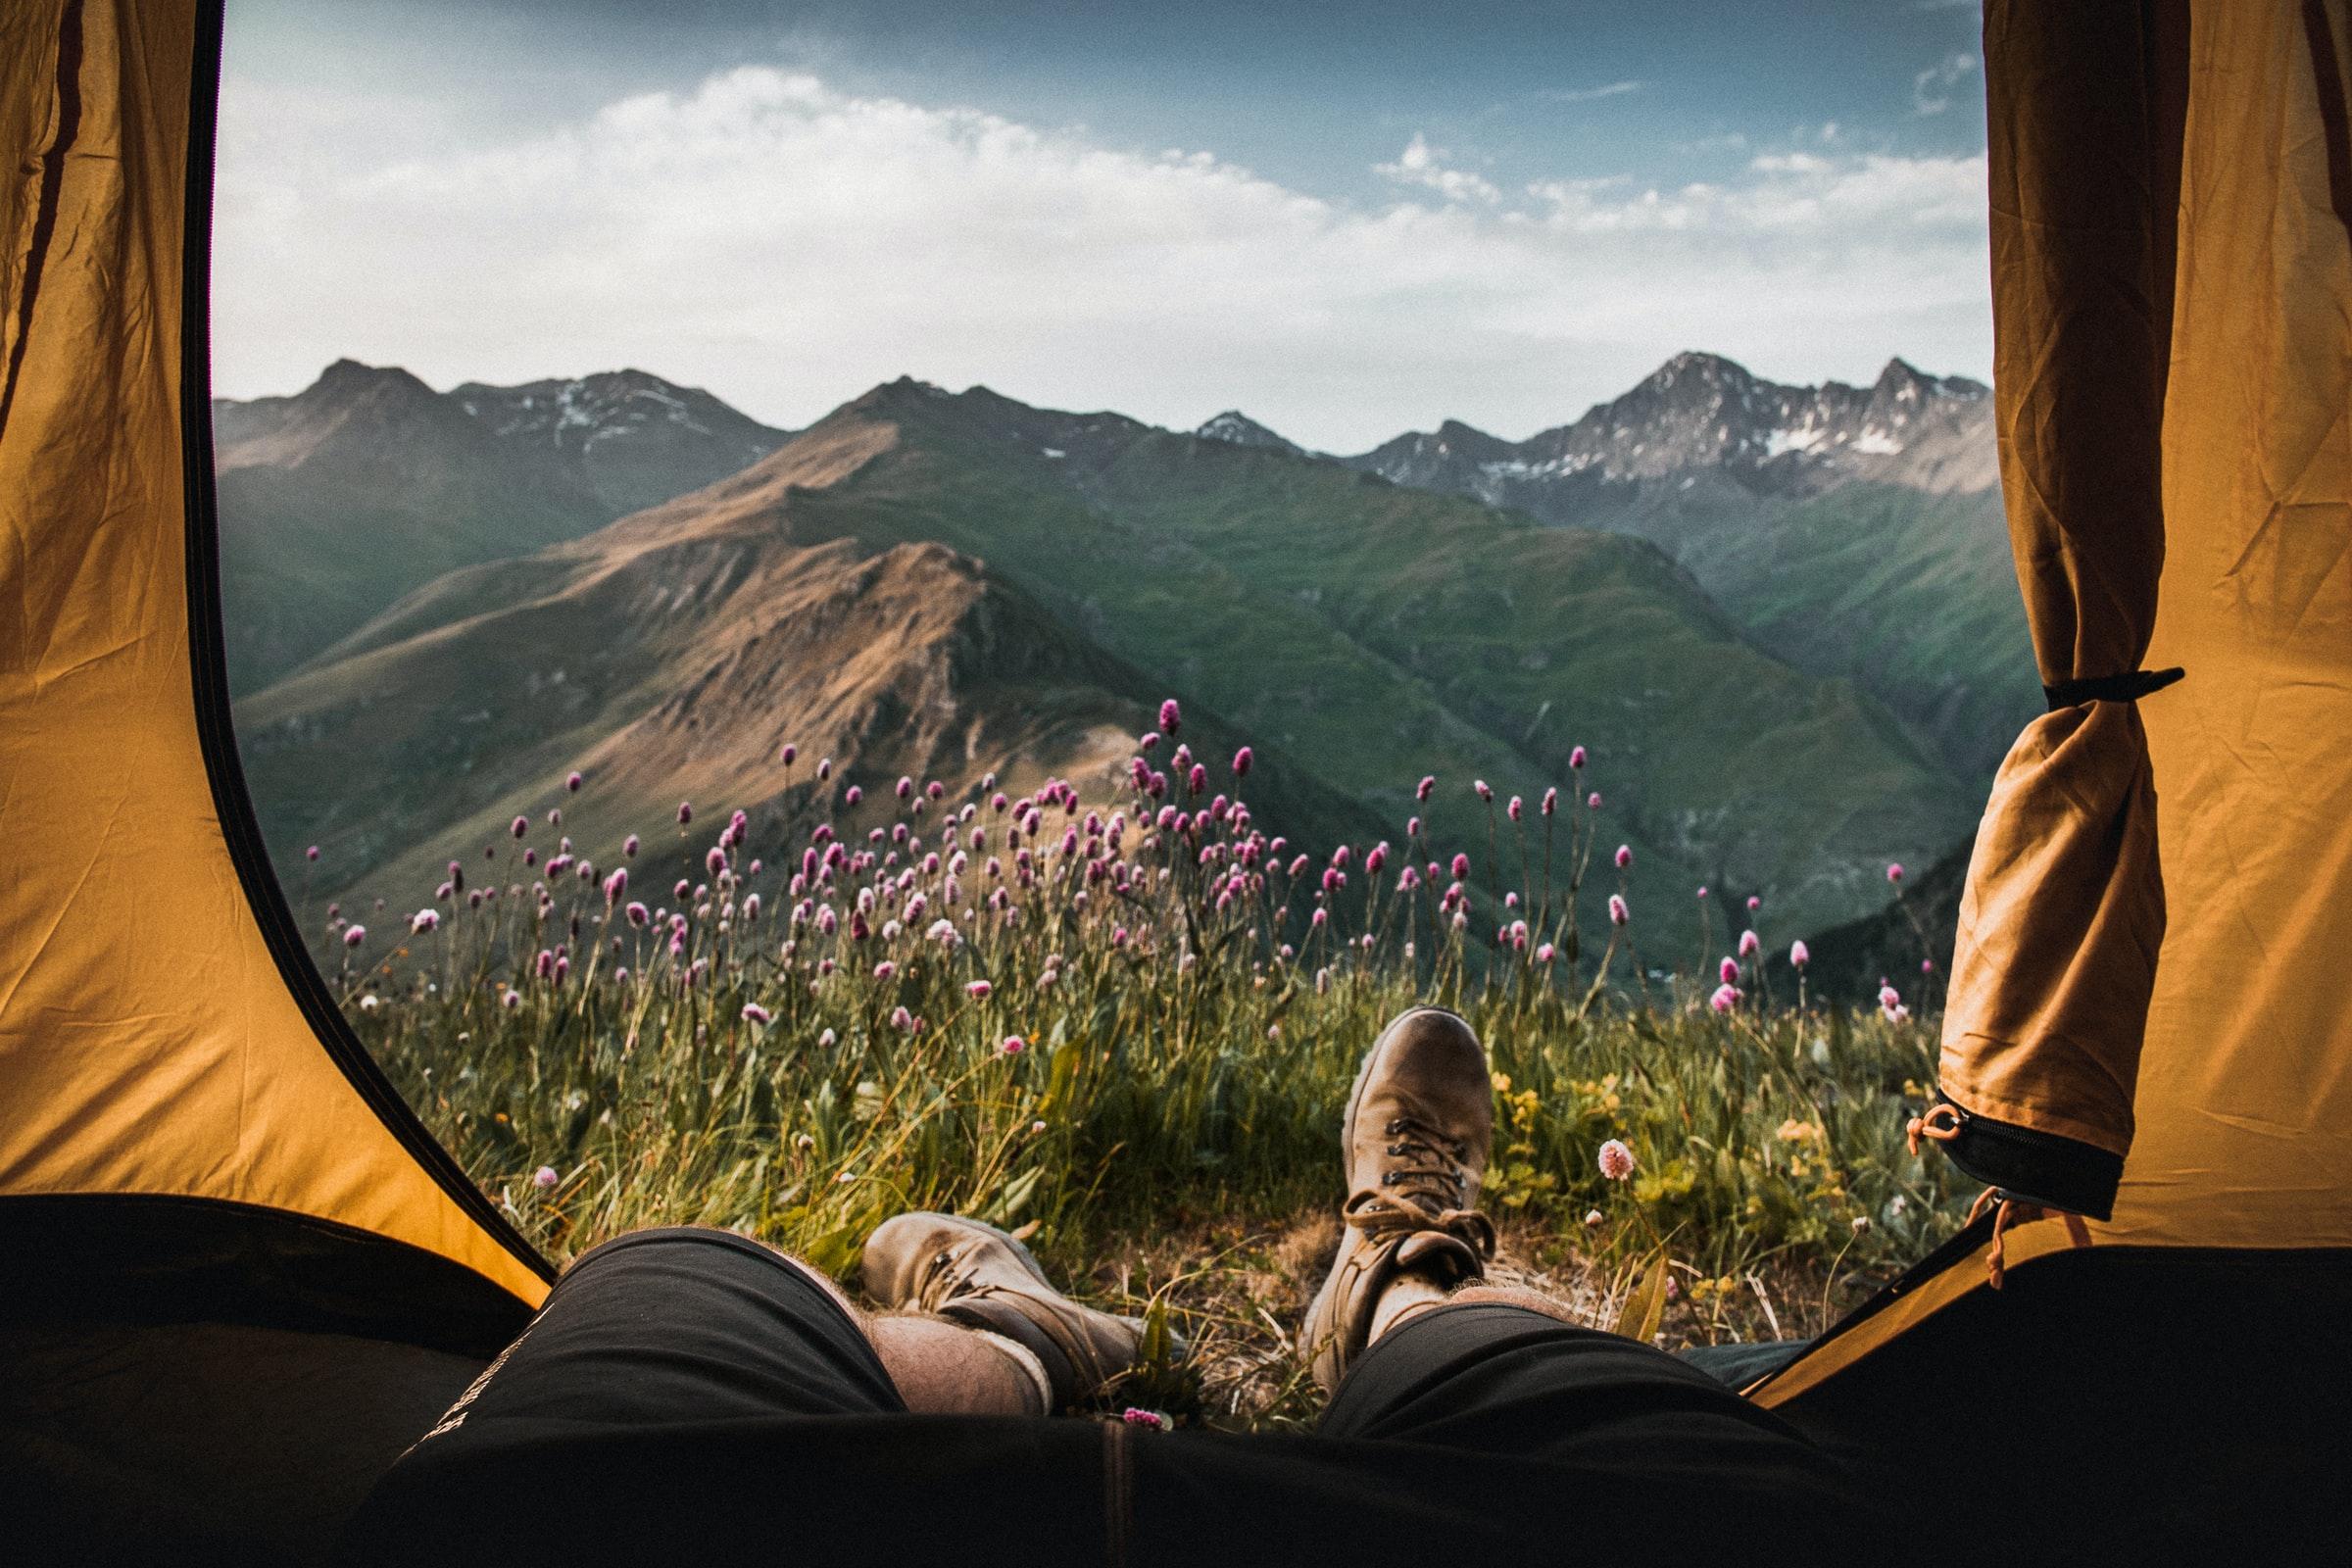 Camping runnen in Frankrijk: Altijd op vakantie?